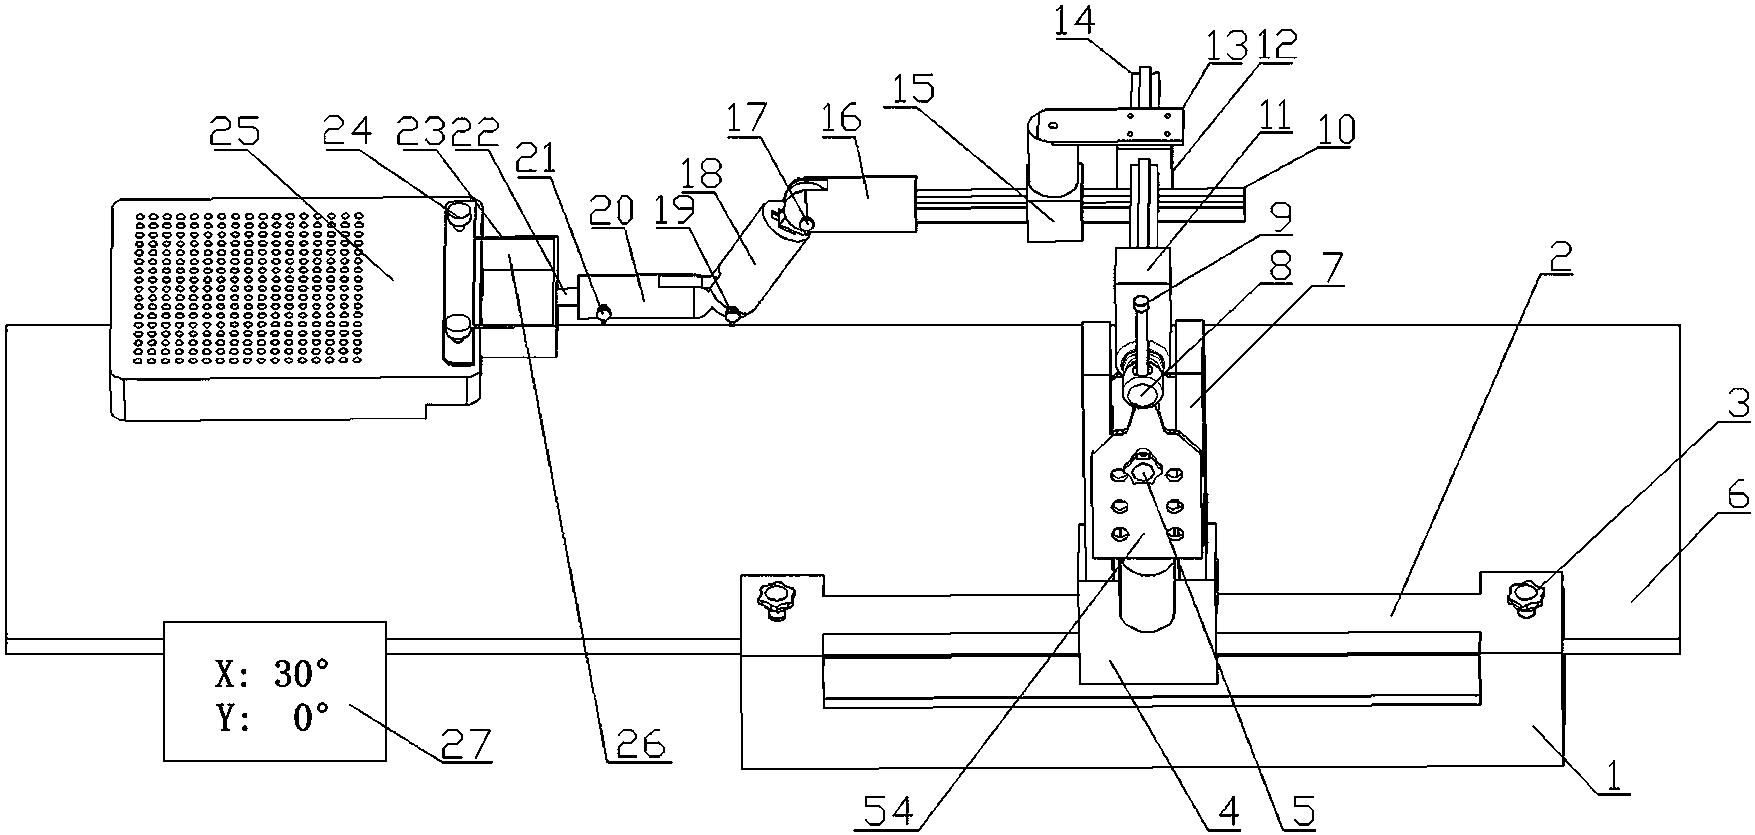 cn107928764a_穿刺模板导航定位装置在审